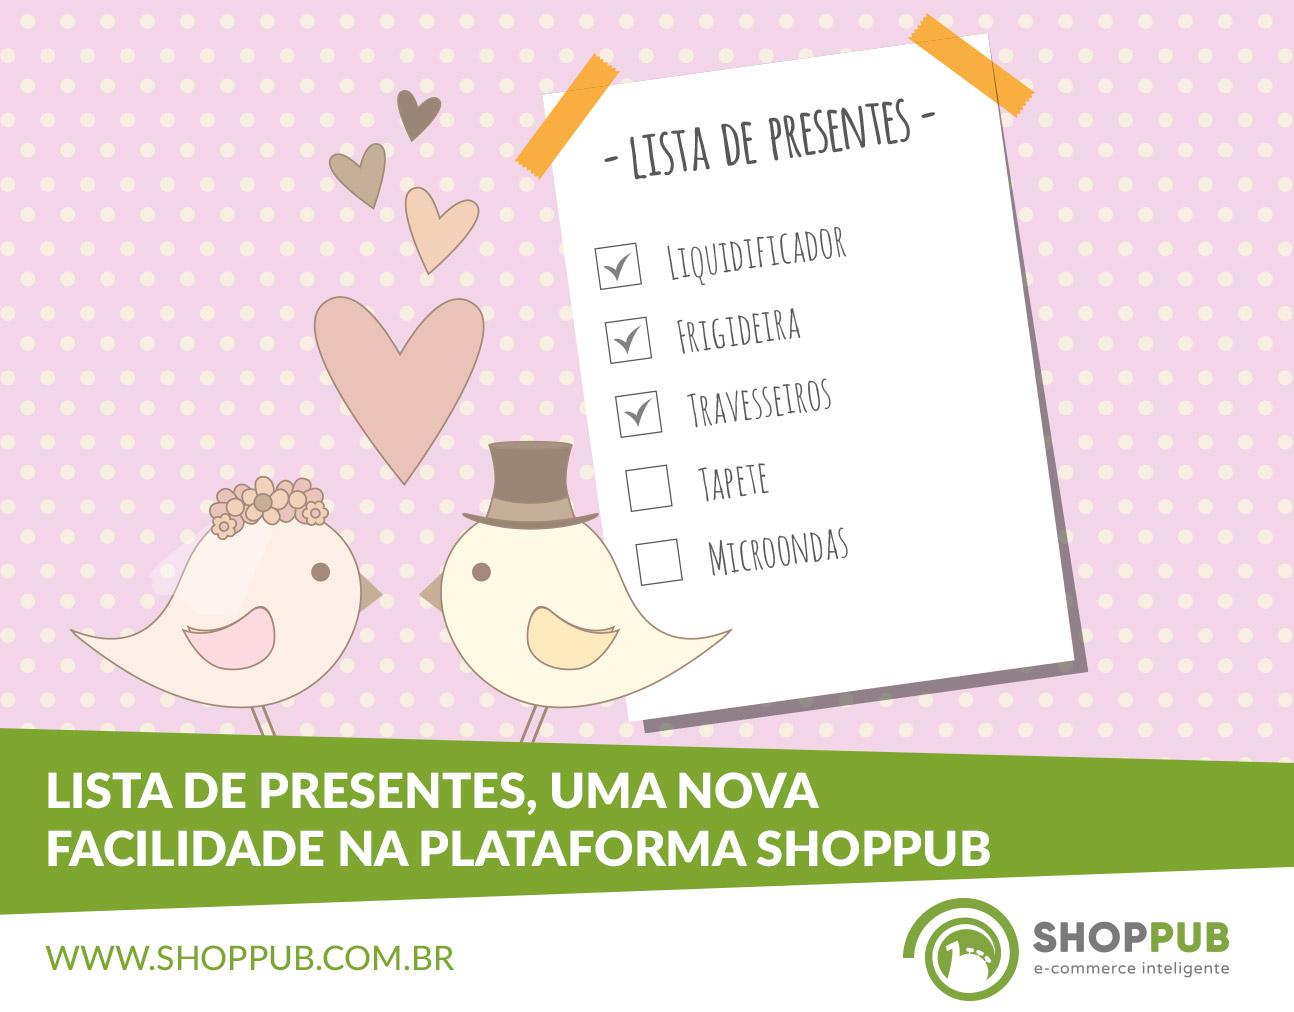 Lista de presentes, uma nova facilidade na plataforma Shoppub